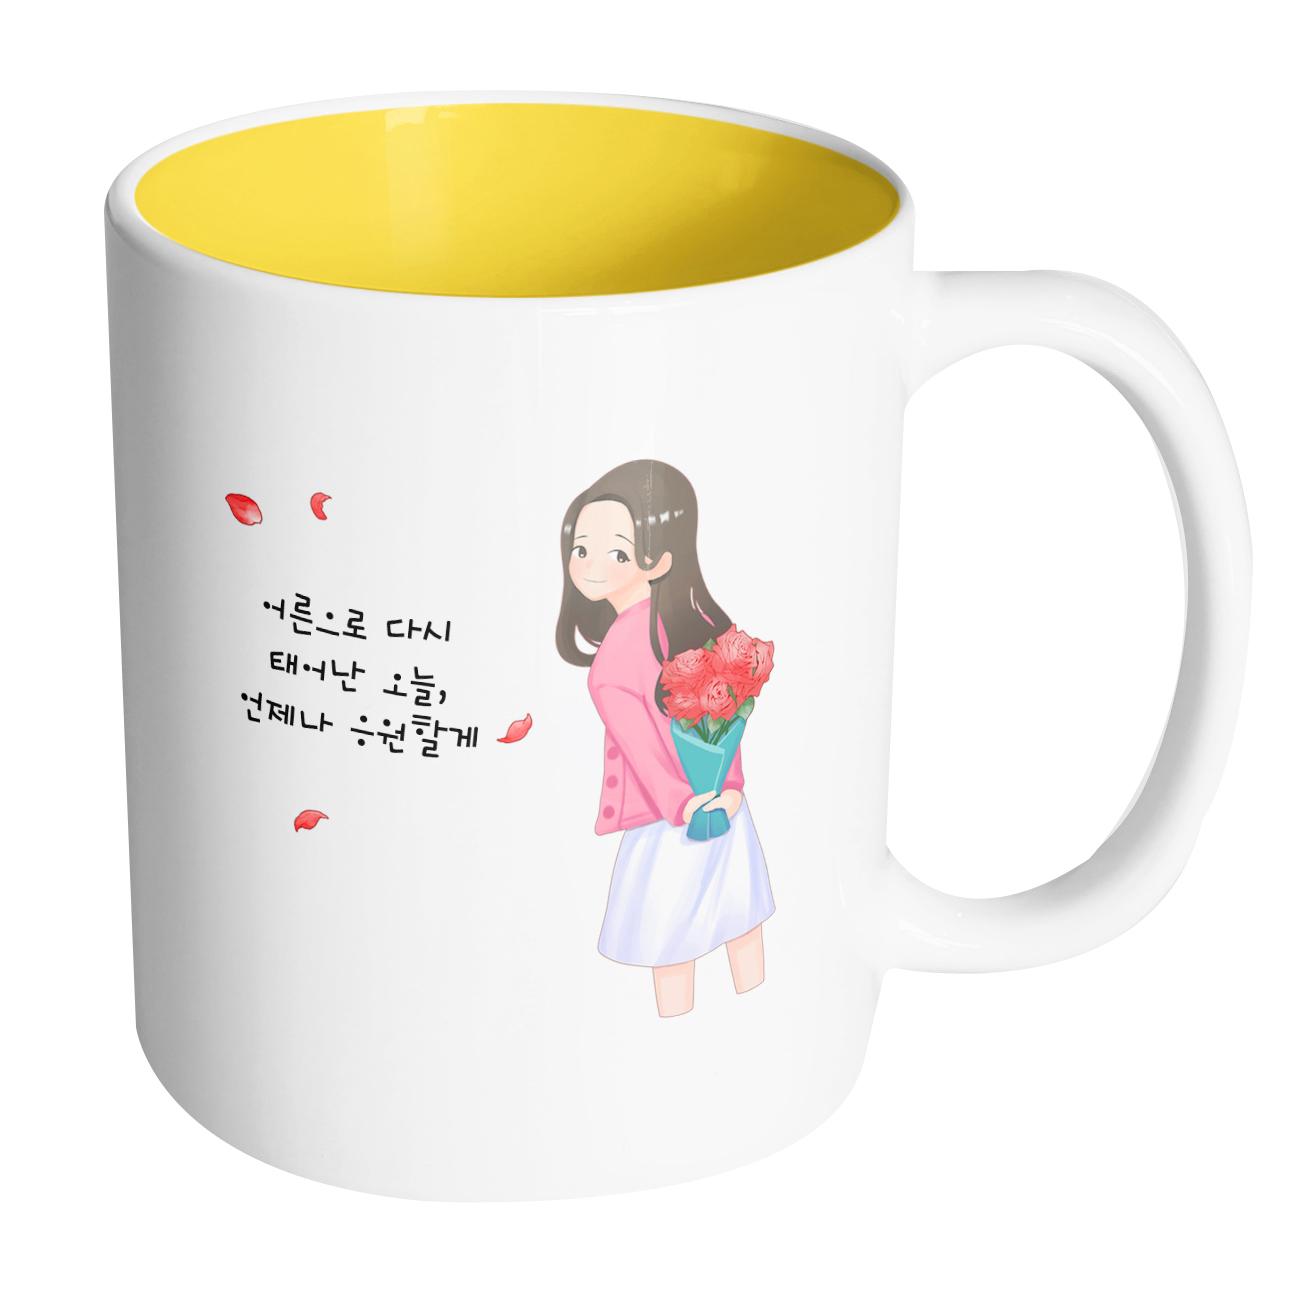 핸드팩토리 성년의날여자꽃다발 어른으로다시태어난오늘언제나응원할게 머그컵, 내부 옐로우, 1개